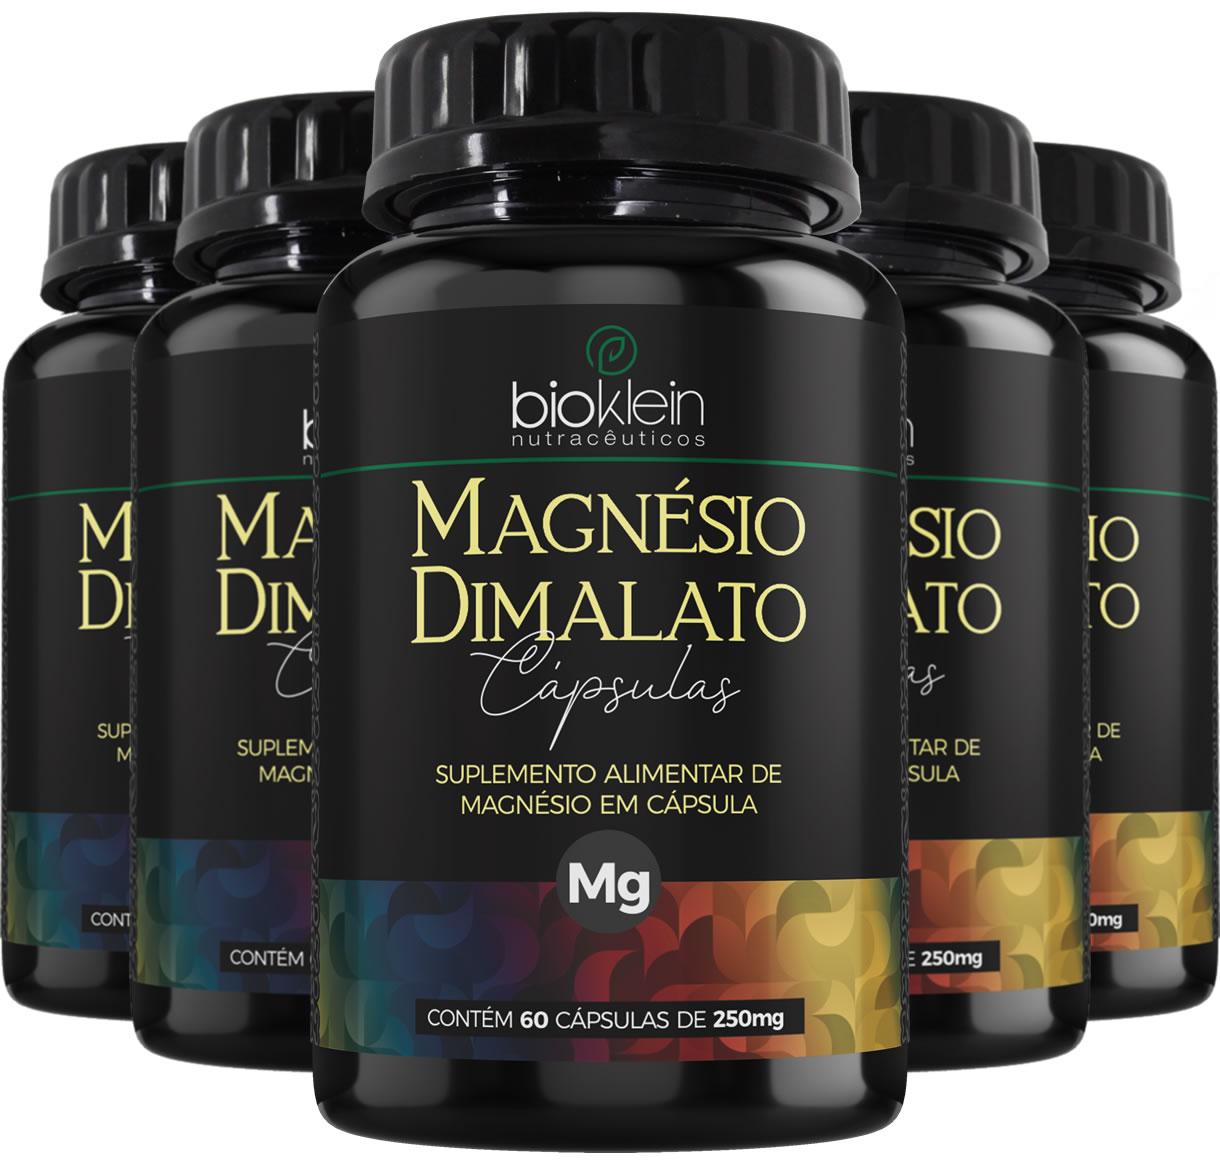 Magnésio Dimalato 130mg 300 Cápsulas (5x60) Bioklein